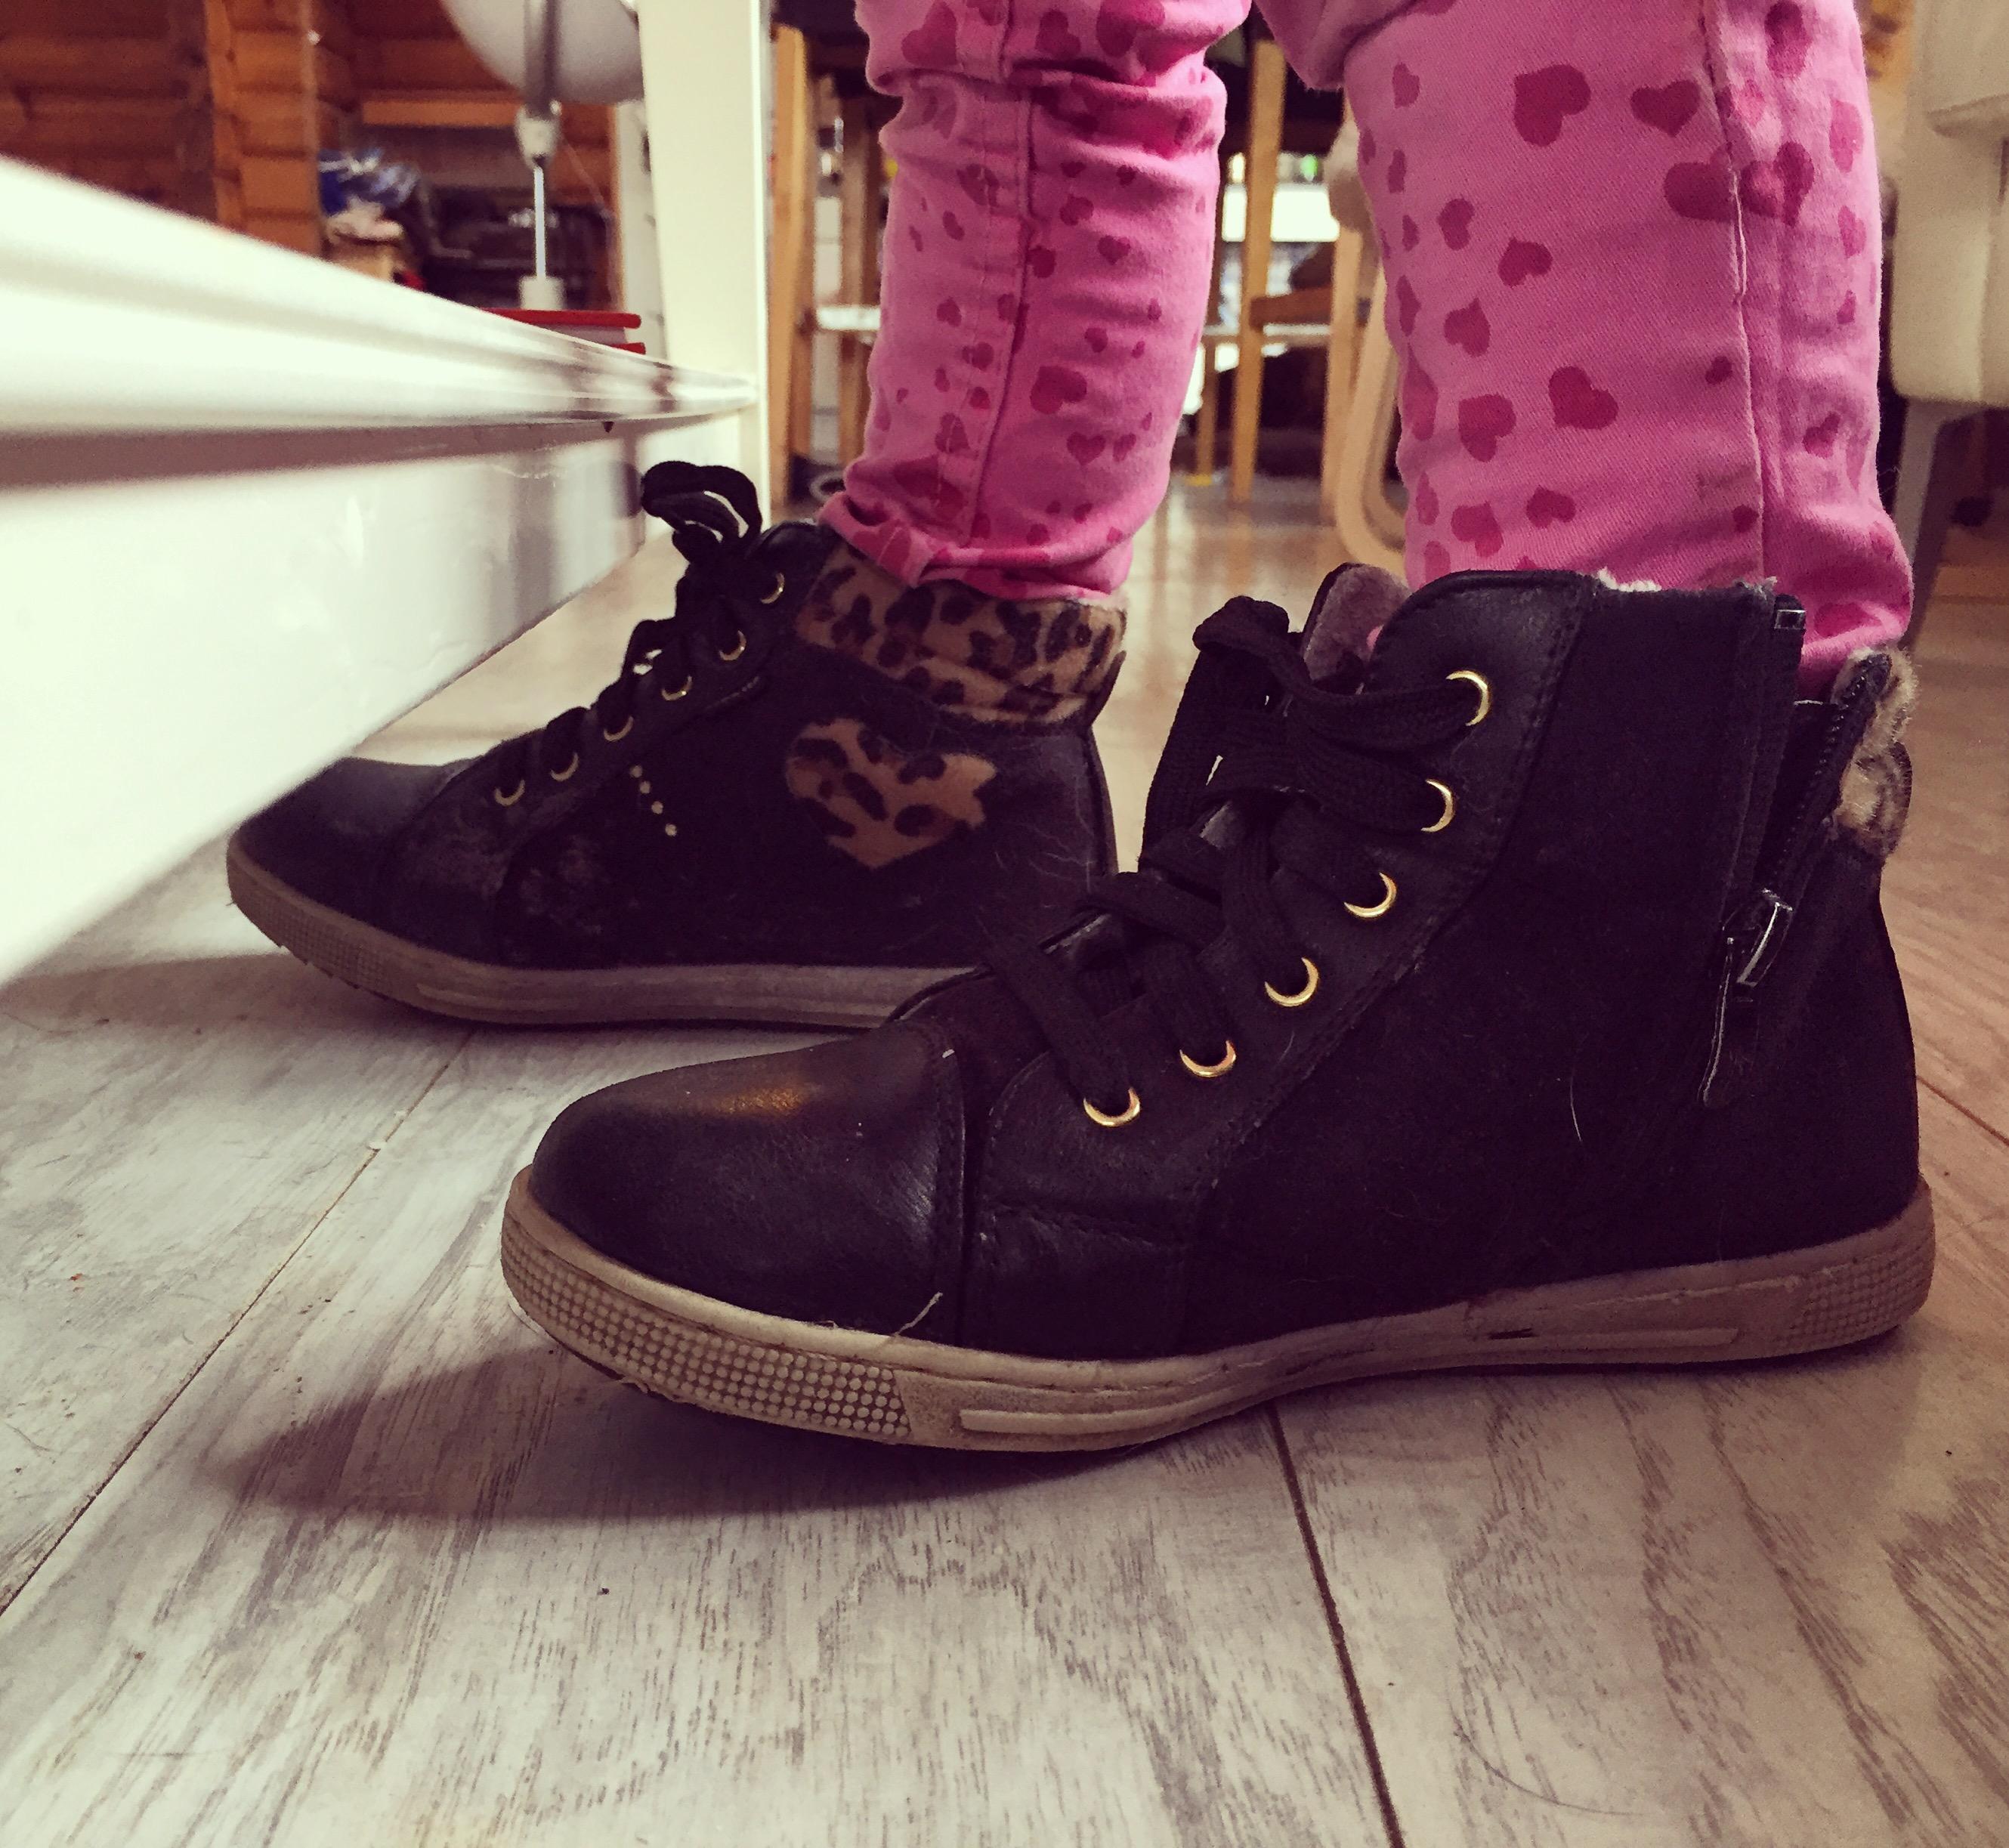 Vrijdagochtend starten we heel rustig en langzaam op. Televisie aan, iPad aan, boekjes erbij en de schoenen van je zus.